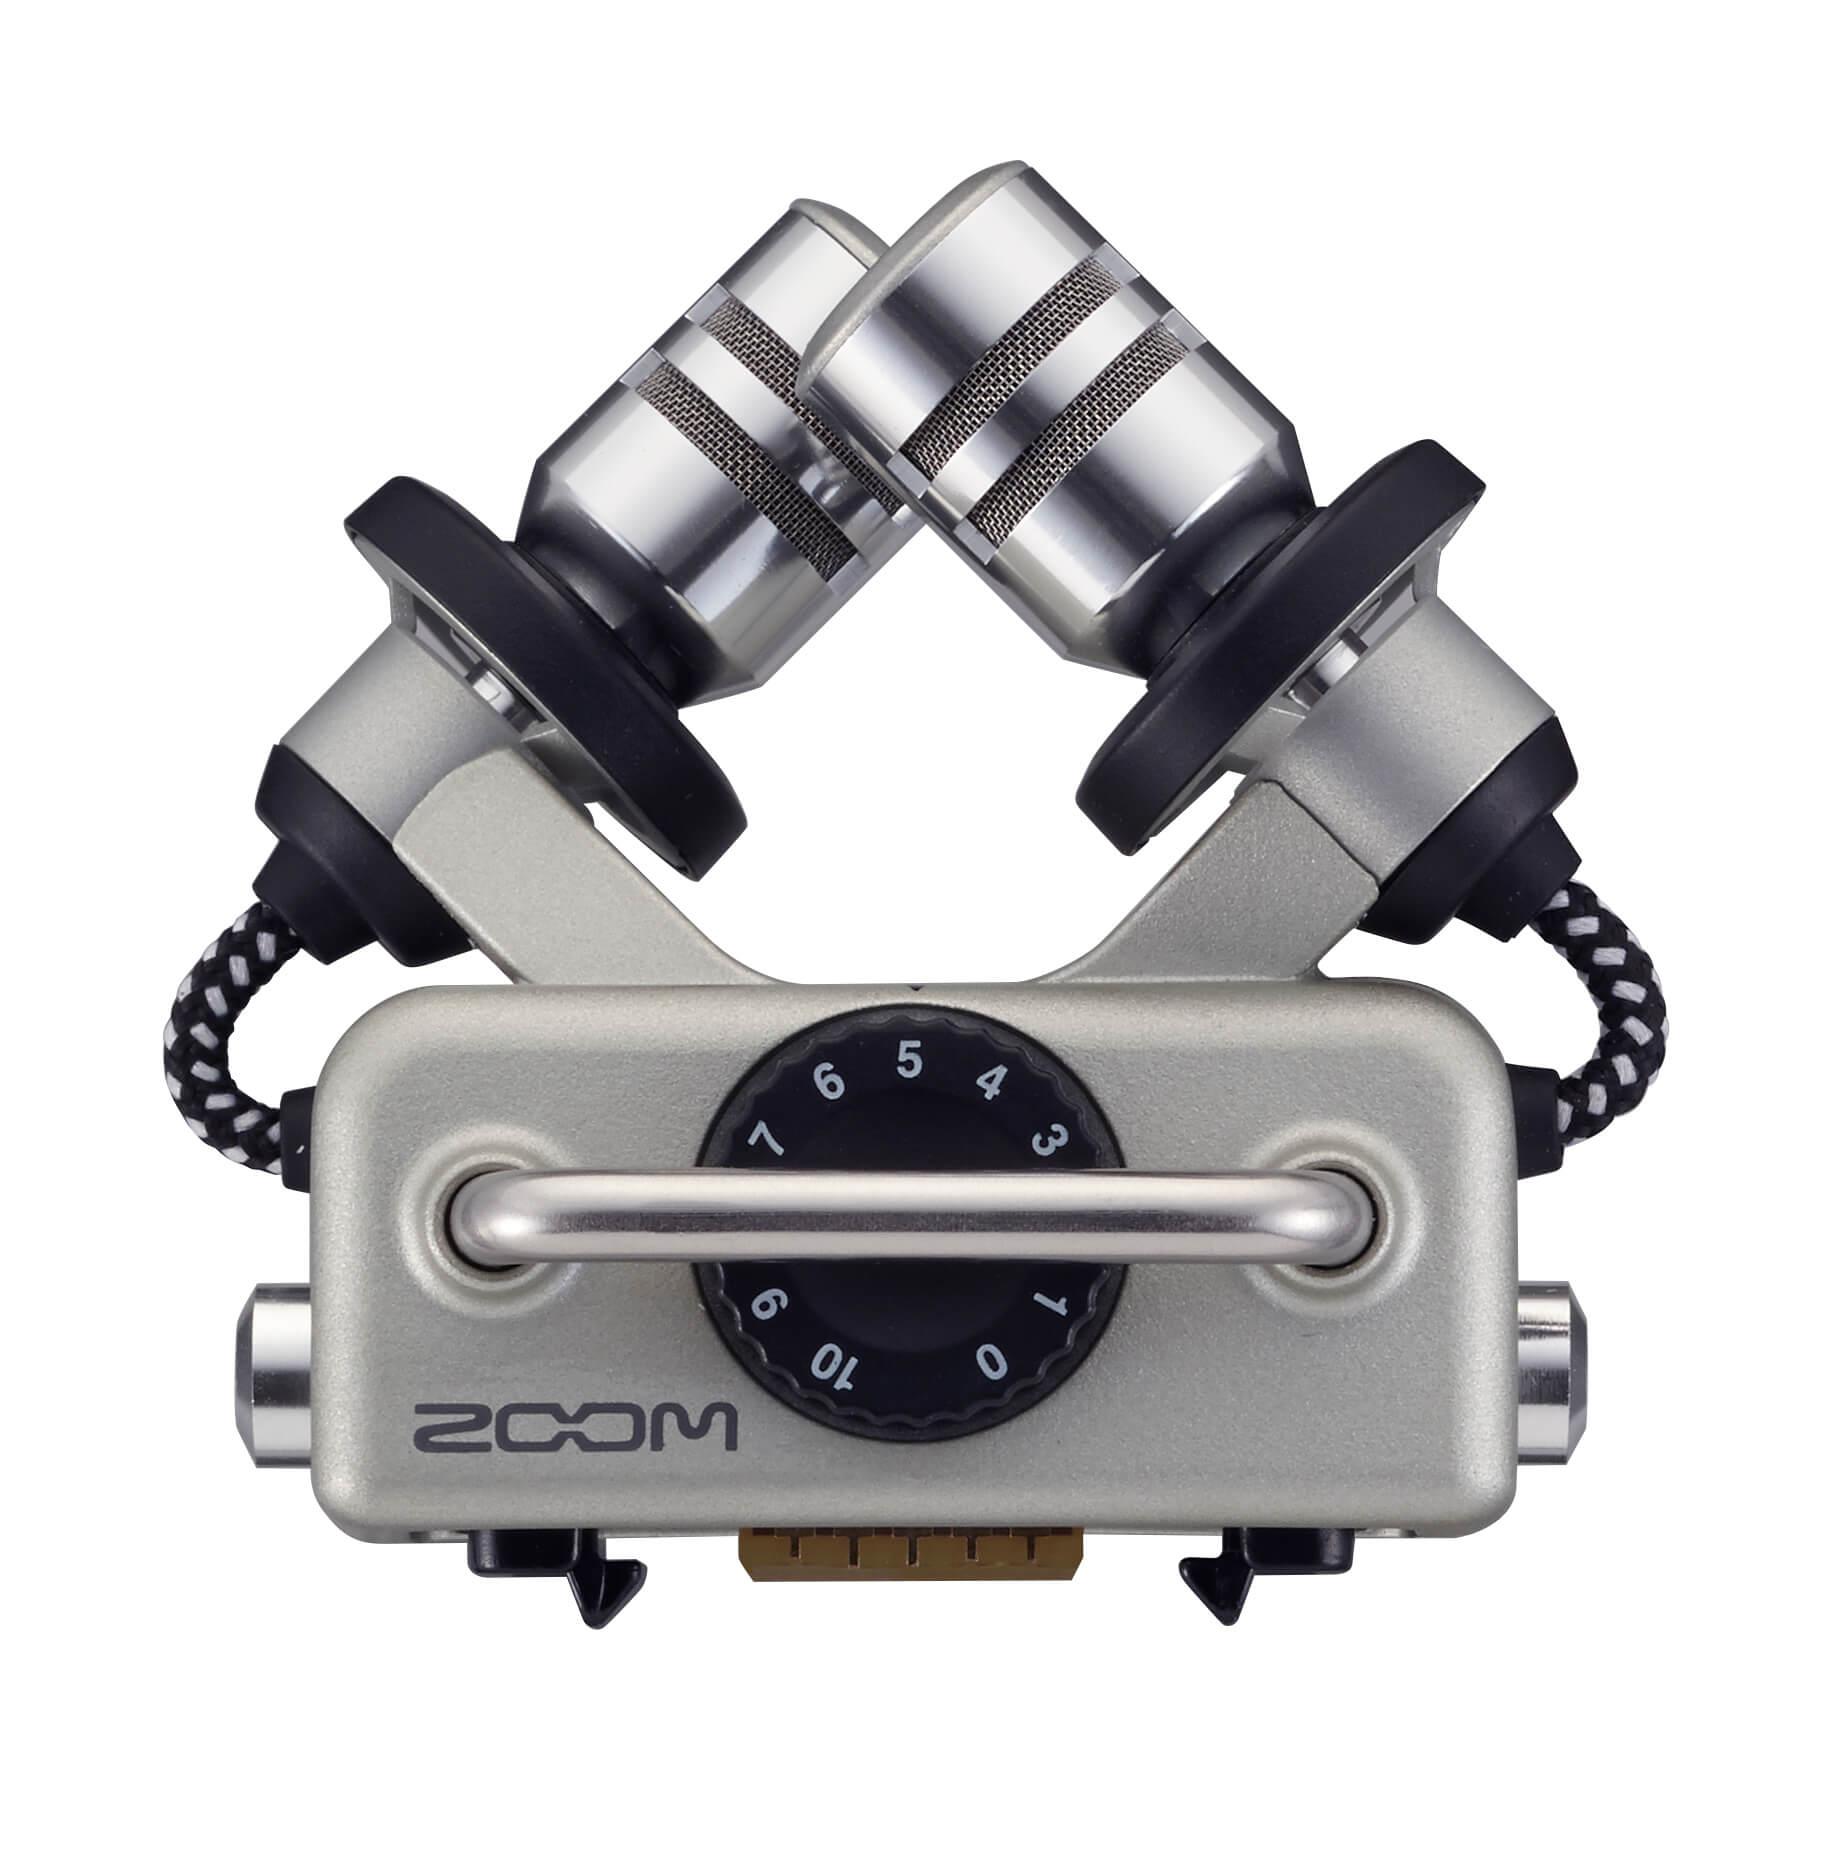 ZOOM H5 手持数字录音机 采访 乐器 婚庆 内录 微电影